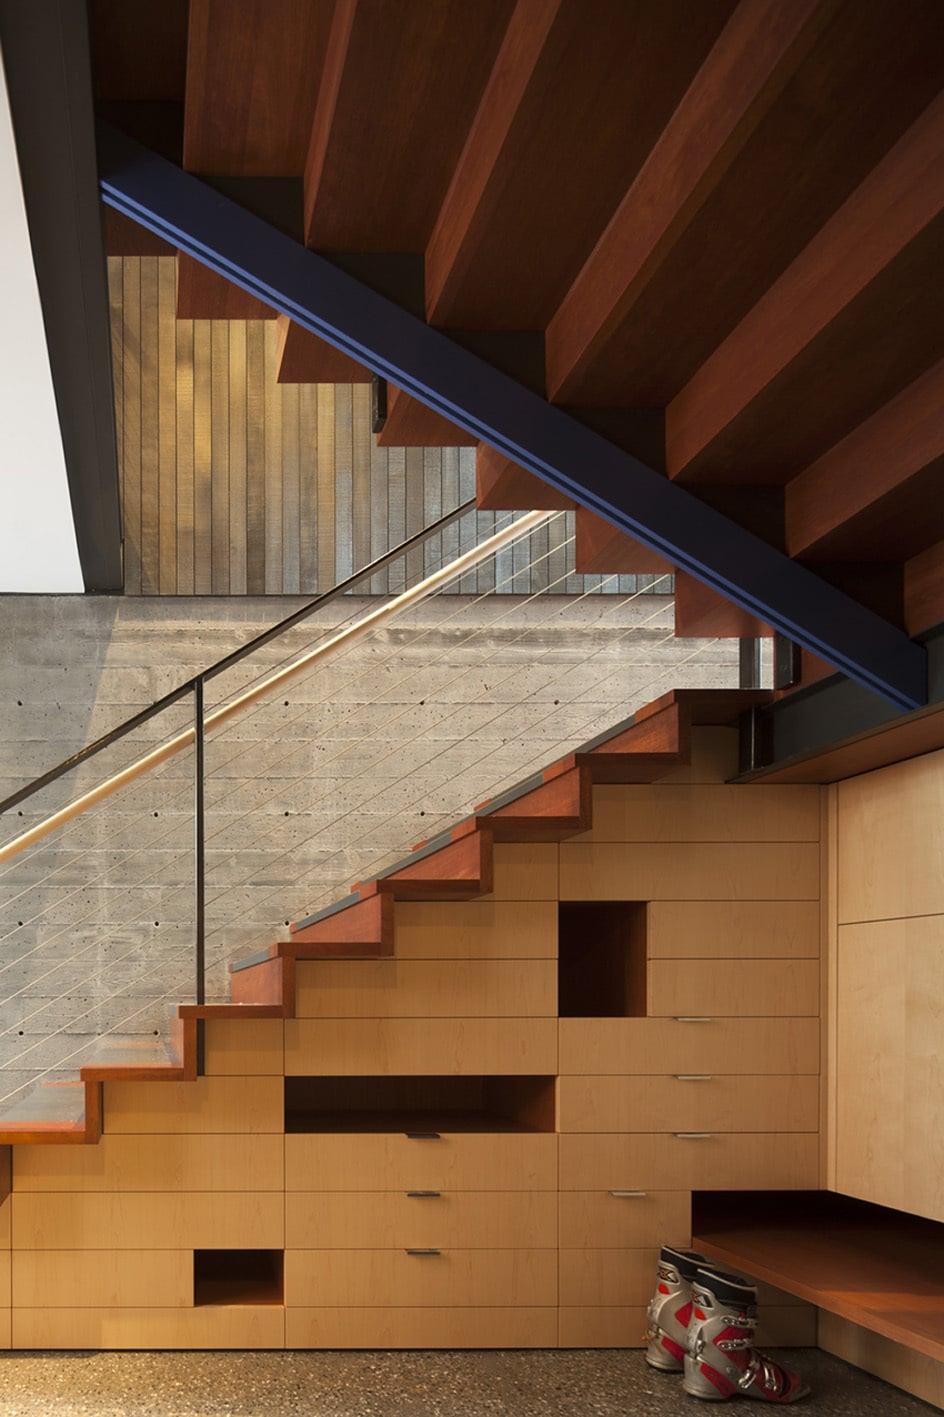 Dise O De Casa Dividida En Dos Partes Planos E Interiores